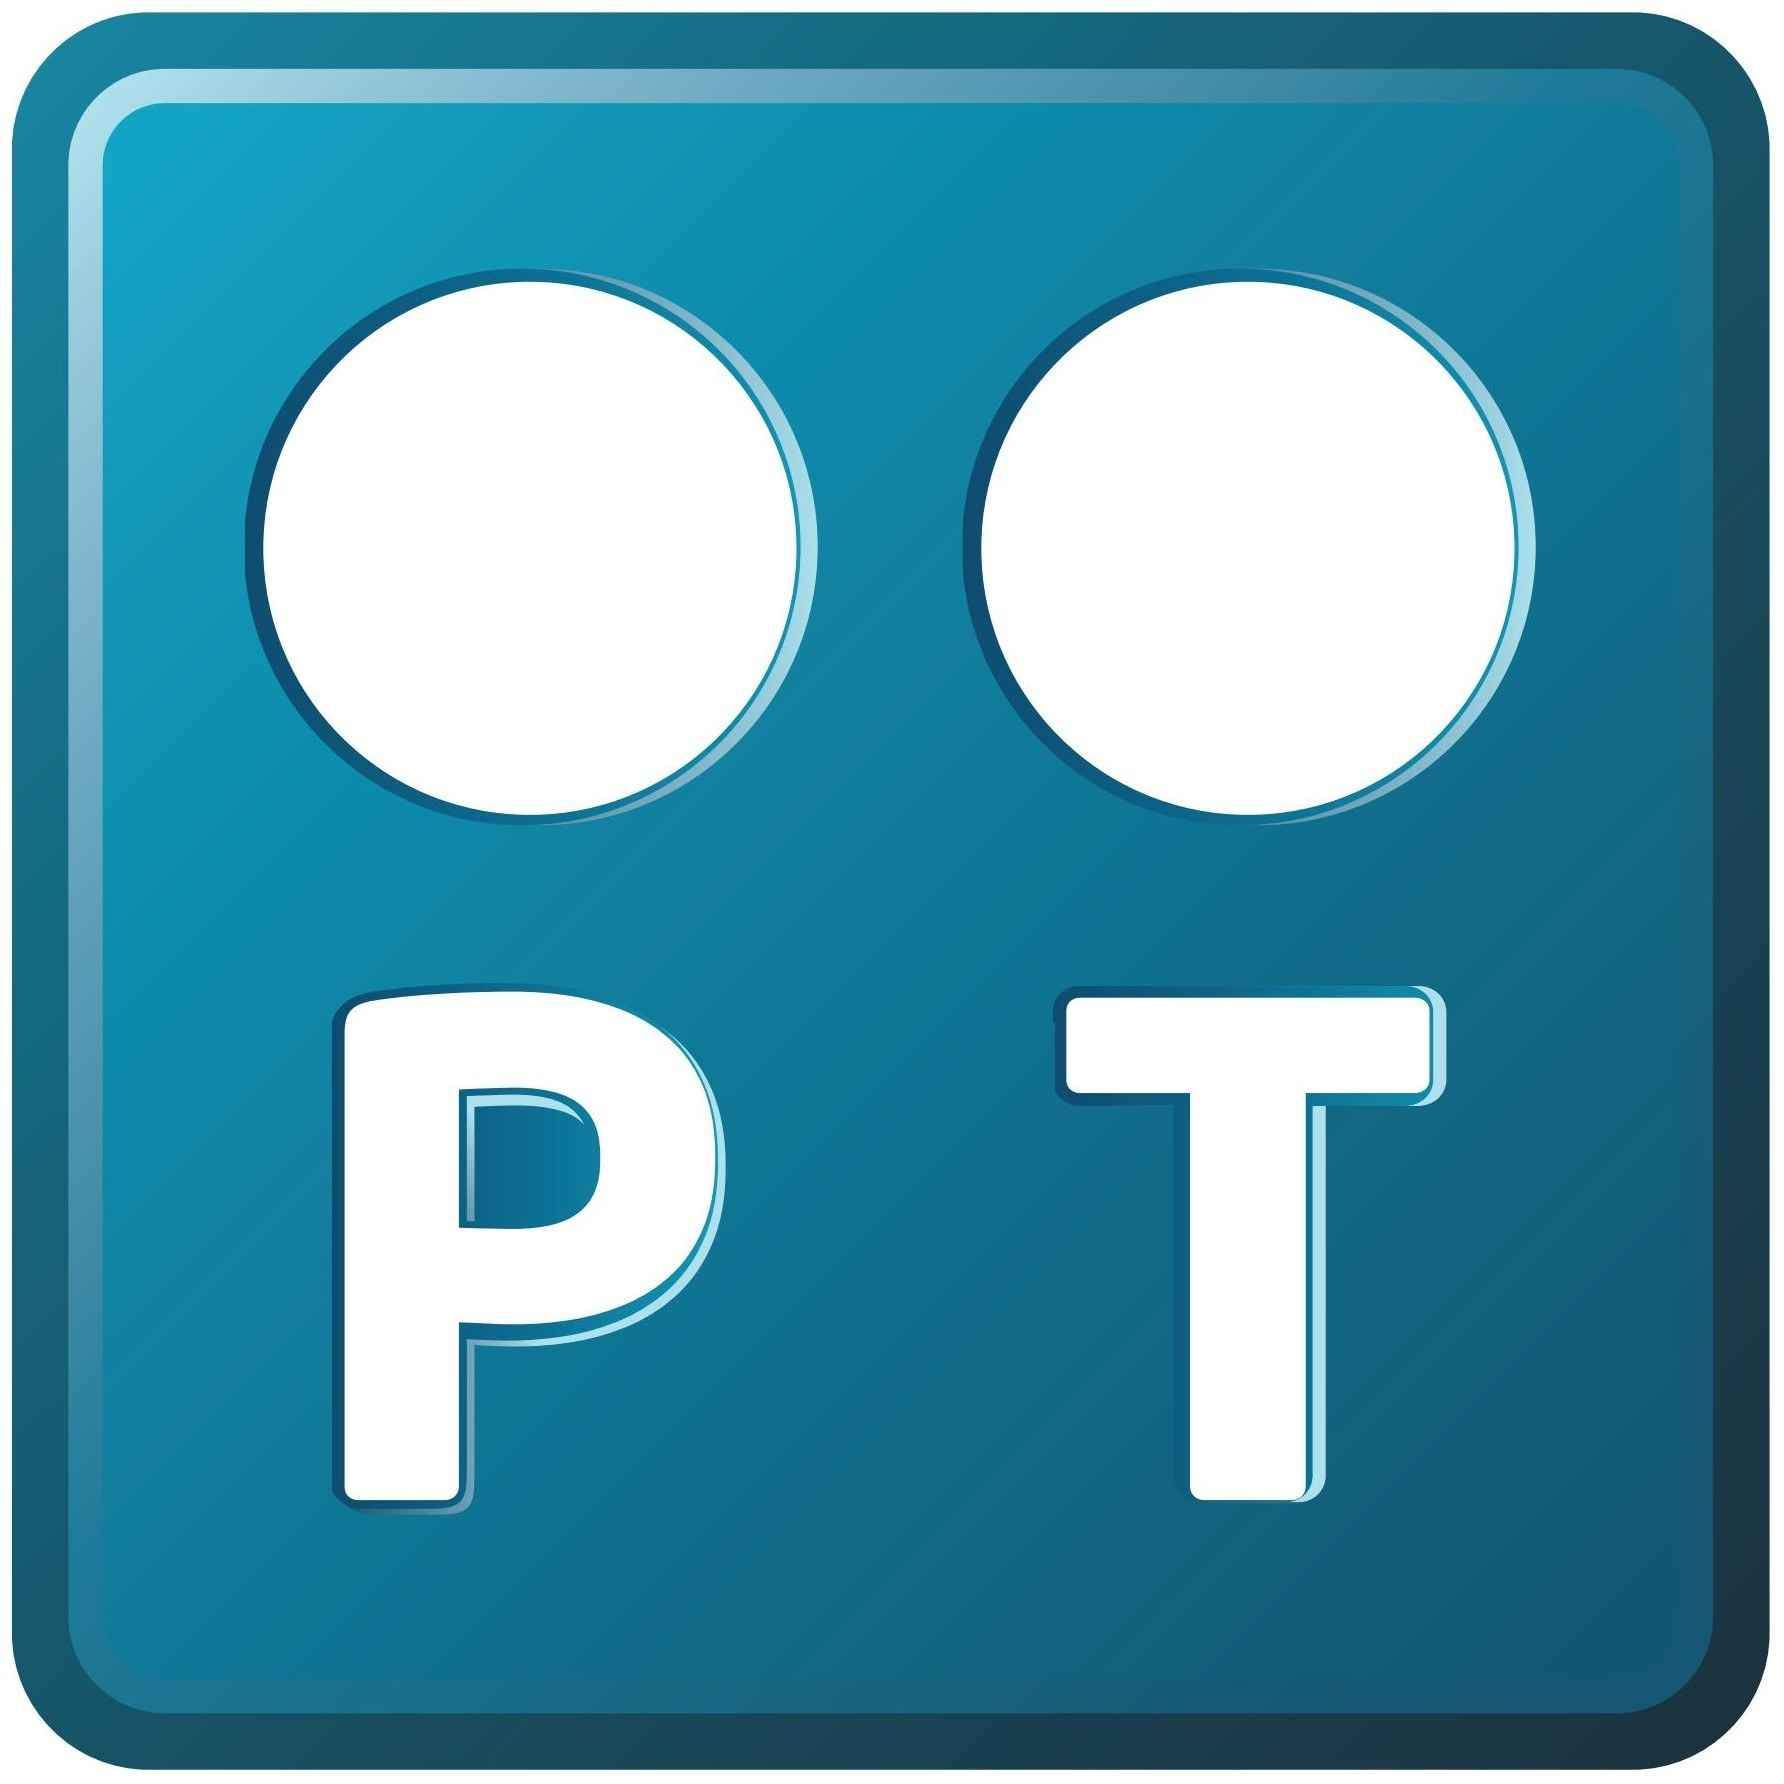 pt_portugal_telecom_logo